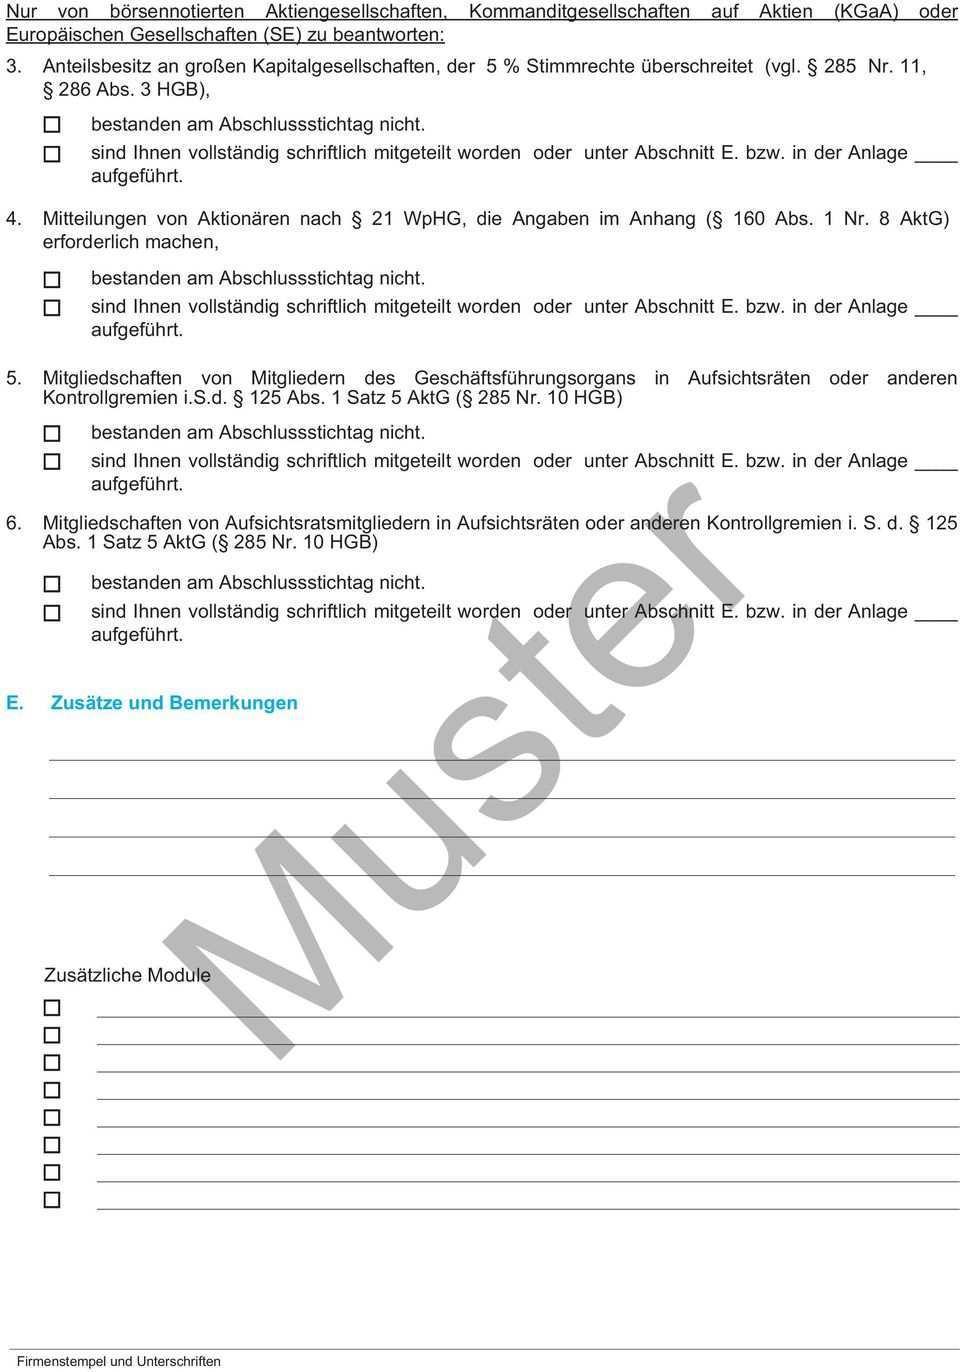 Vollstandigkeitserklarung Muster Erstellung Des Jahresabschlusses Fur Das Geschaftsjahr Die Zeit Vom Bis 1 Pdf Free Download